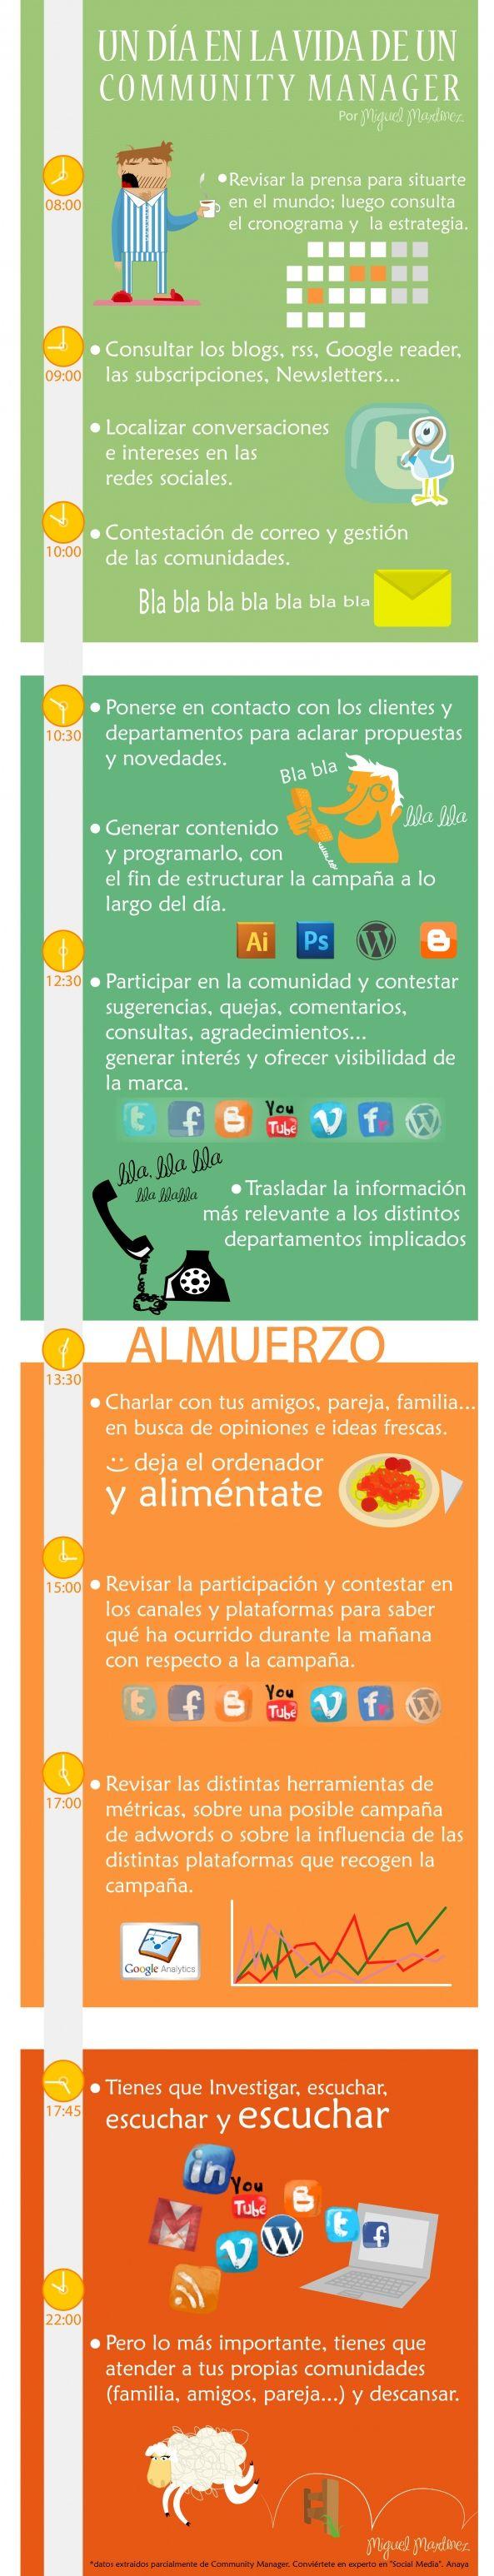 Un día en la vida de un Community Manager. #Infografía en español